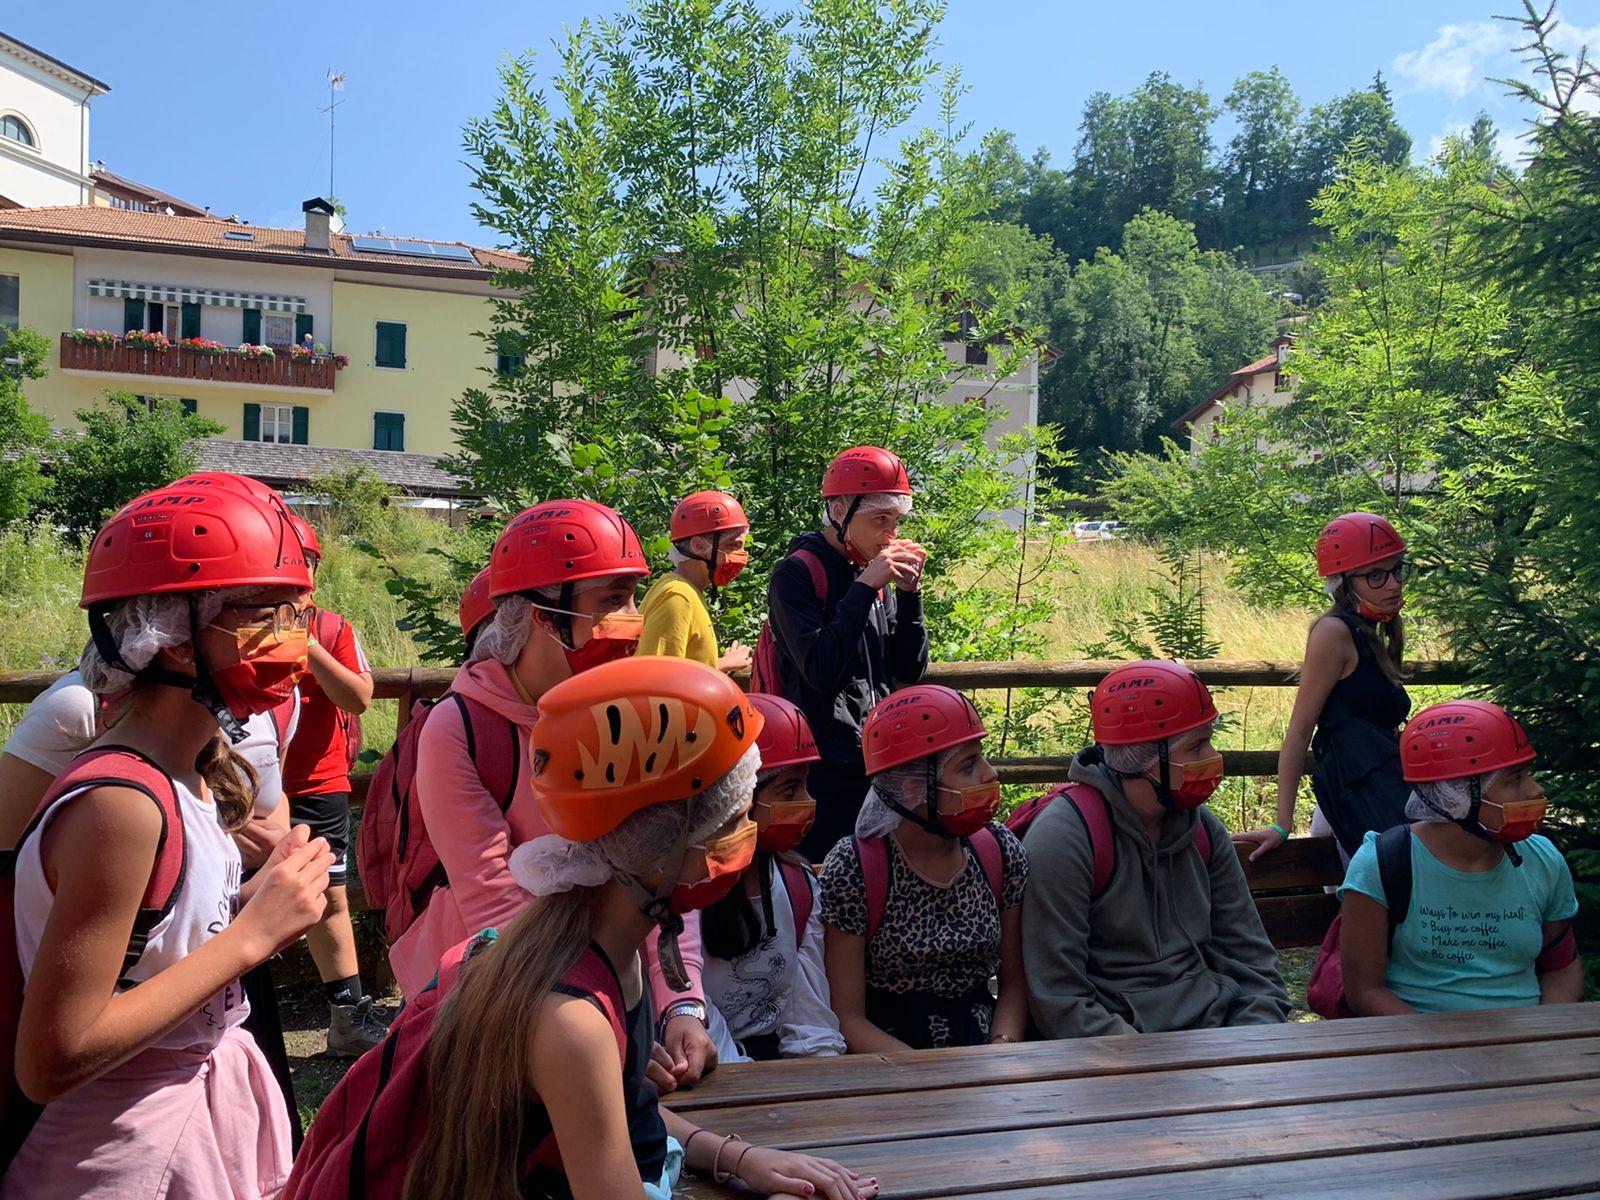 Hotel Solaria 4**** // Verso le vette delle Dolomiti // Junior & Senior Archivi --c2c1727d-4a60-4080-8b9b-89644ef25dd9